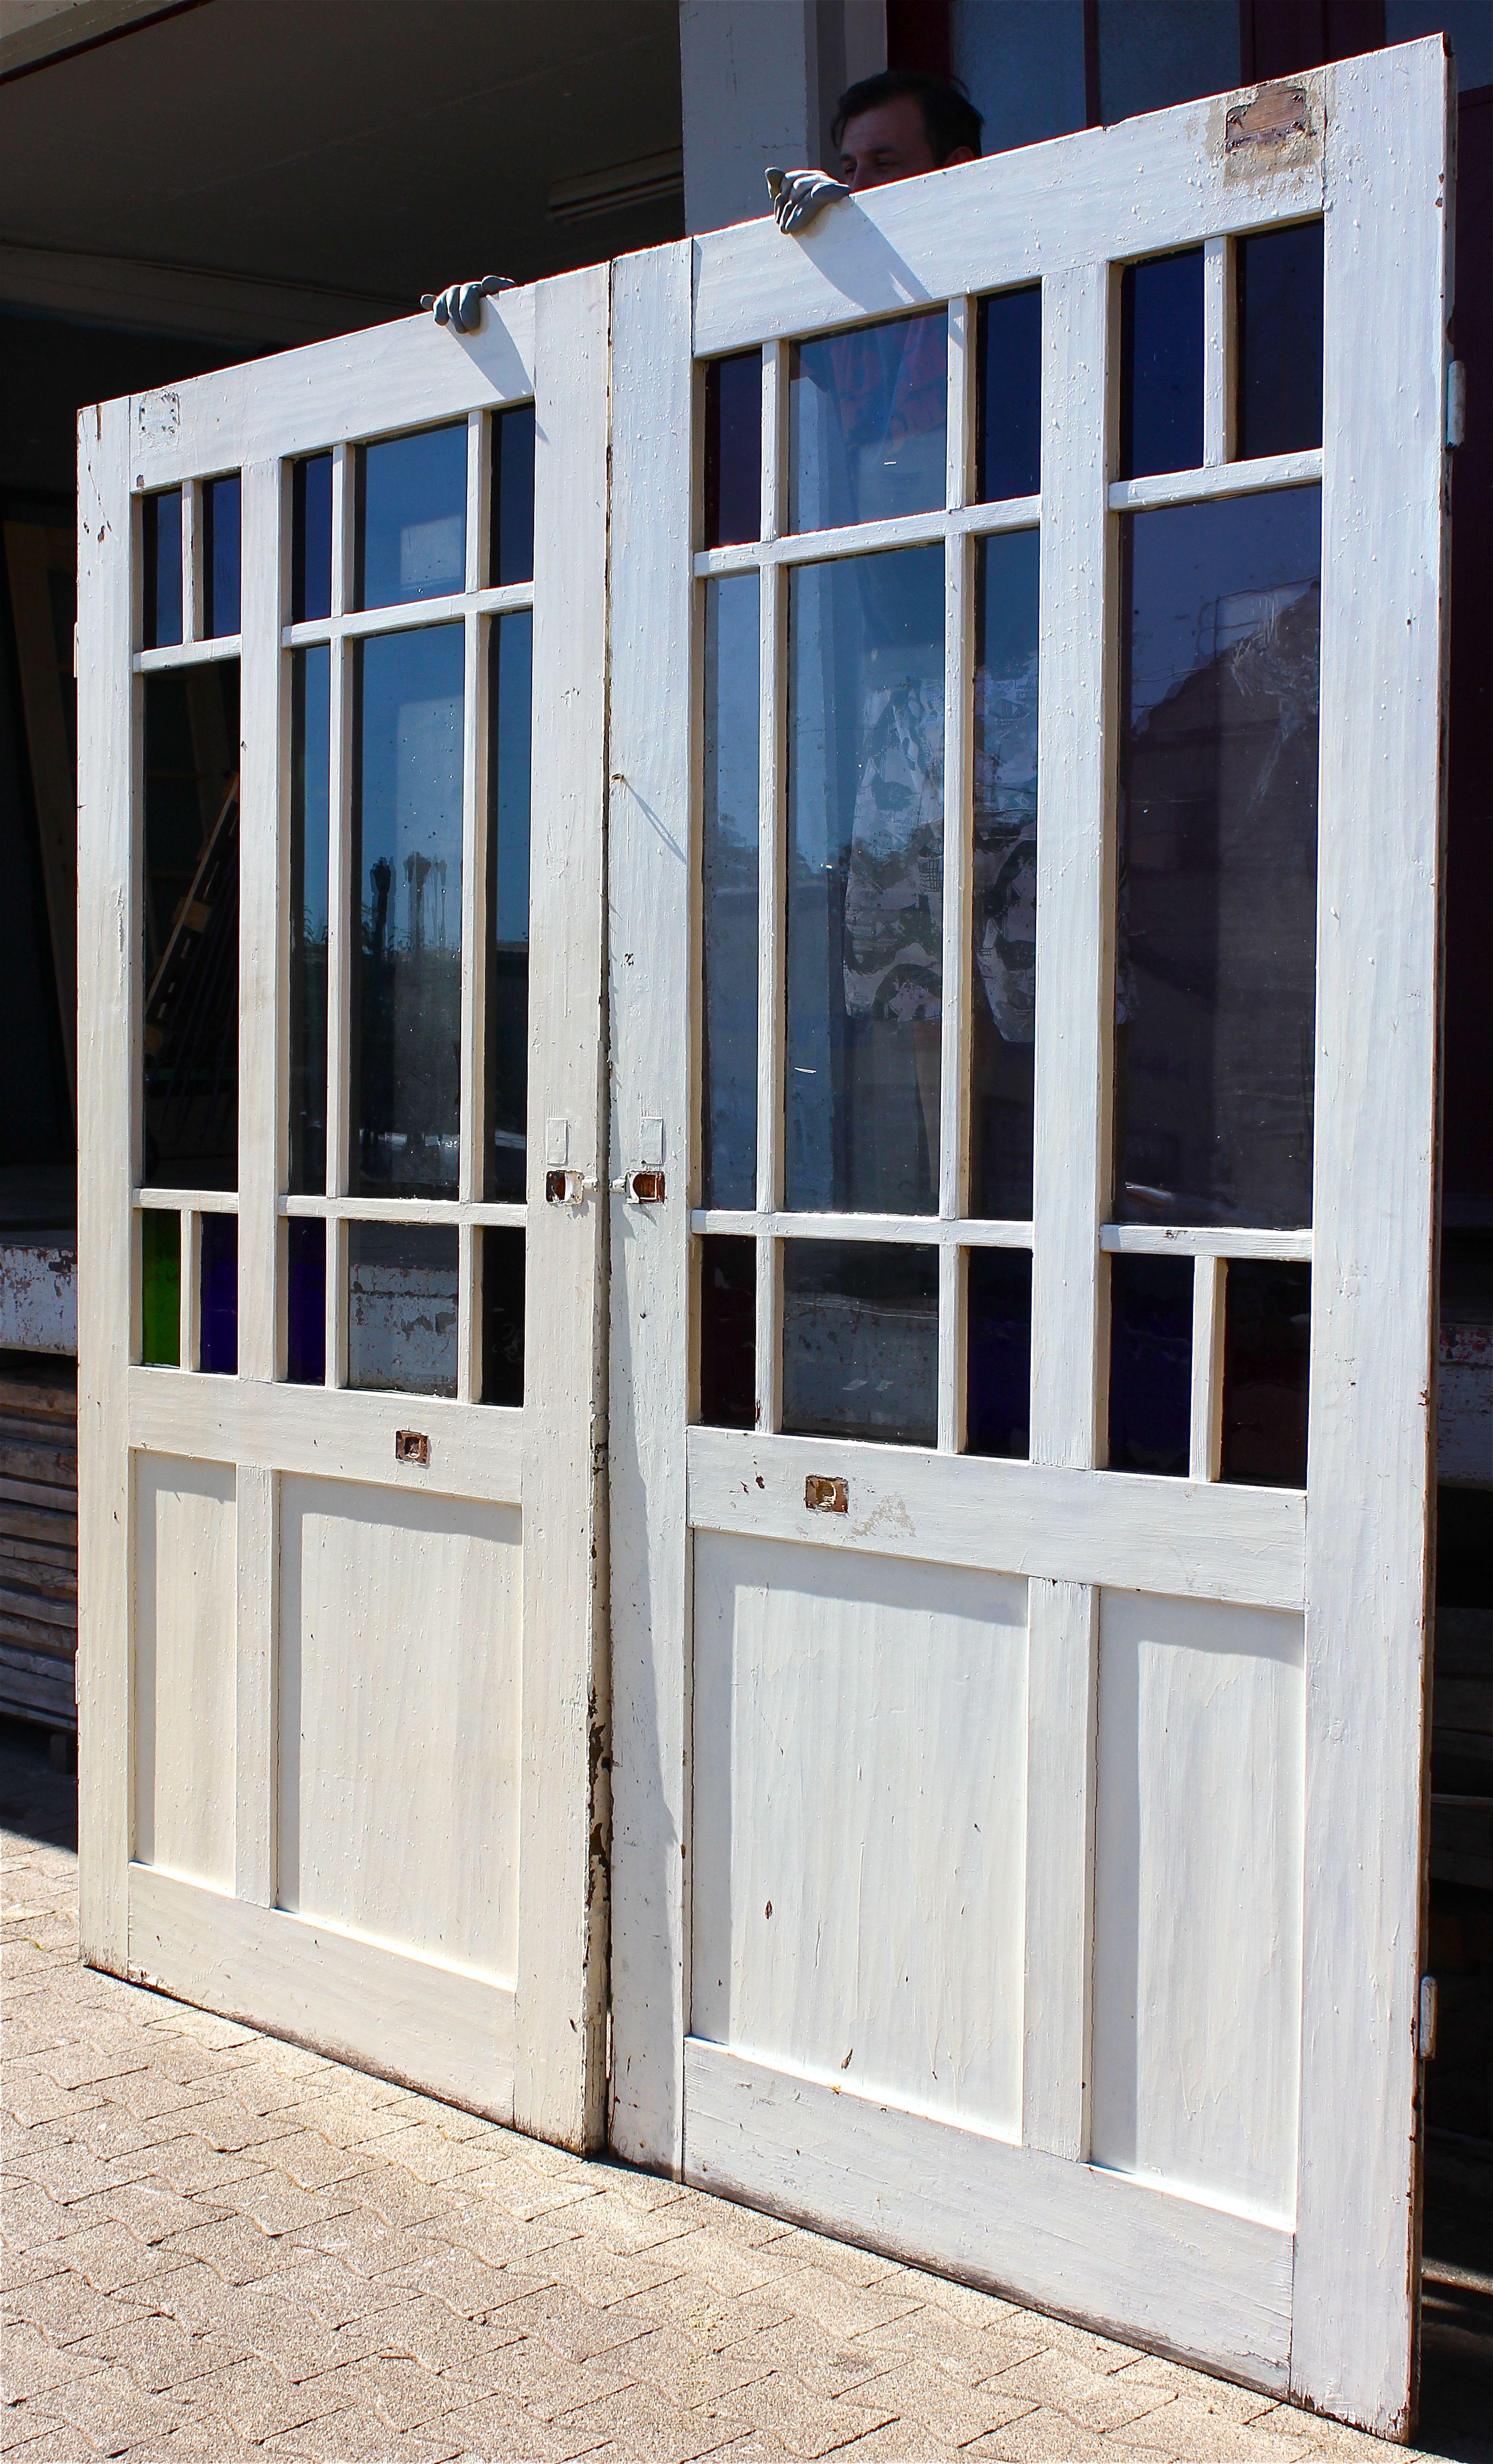 Weichholz Tur Ein Angebot Aus Der Rubrik Mehrflugelige Historische Turen Mit Grossem Glaseinsatz Alle Hohe Historische Turen Historische Baustoffe Baustoffe